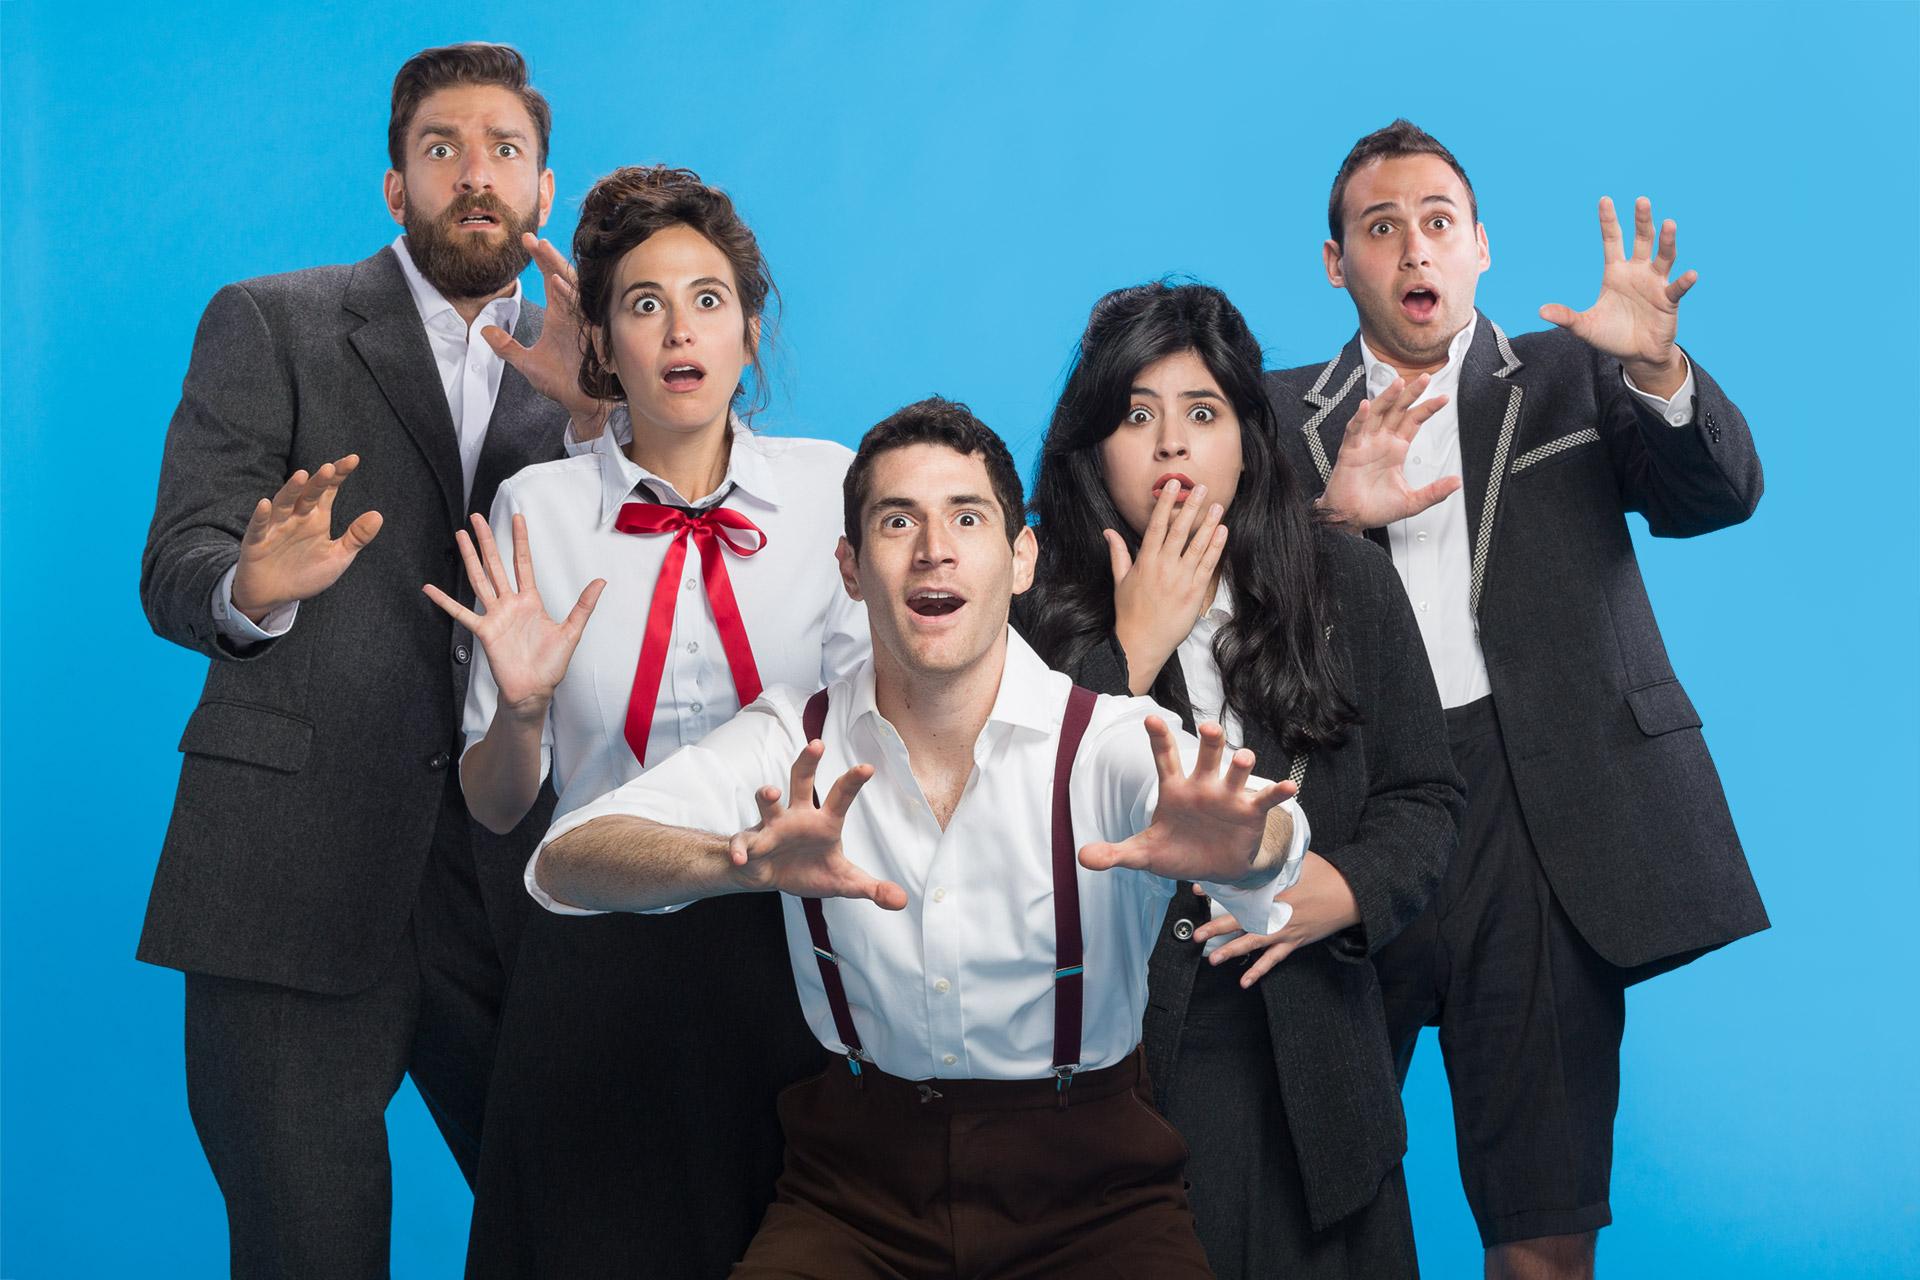 צילום סטודיו של שחקנים לפוסטר של הצגה בתאטרון המדיטק בחולון